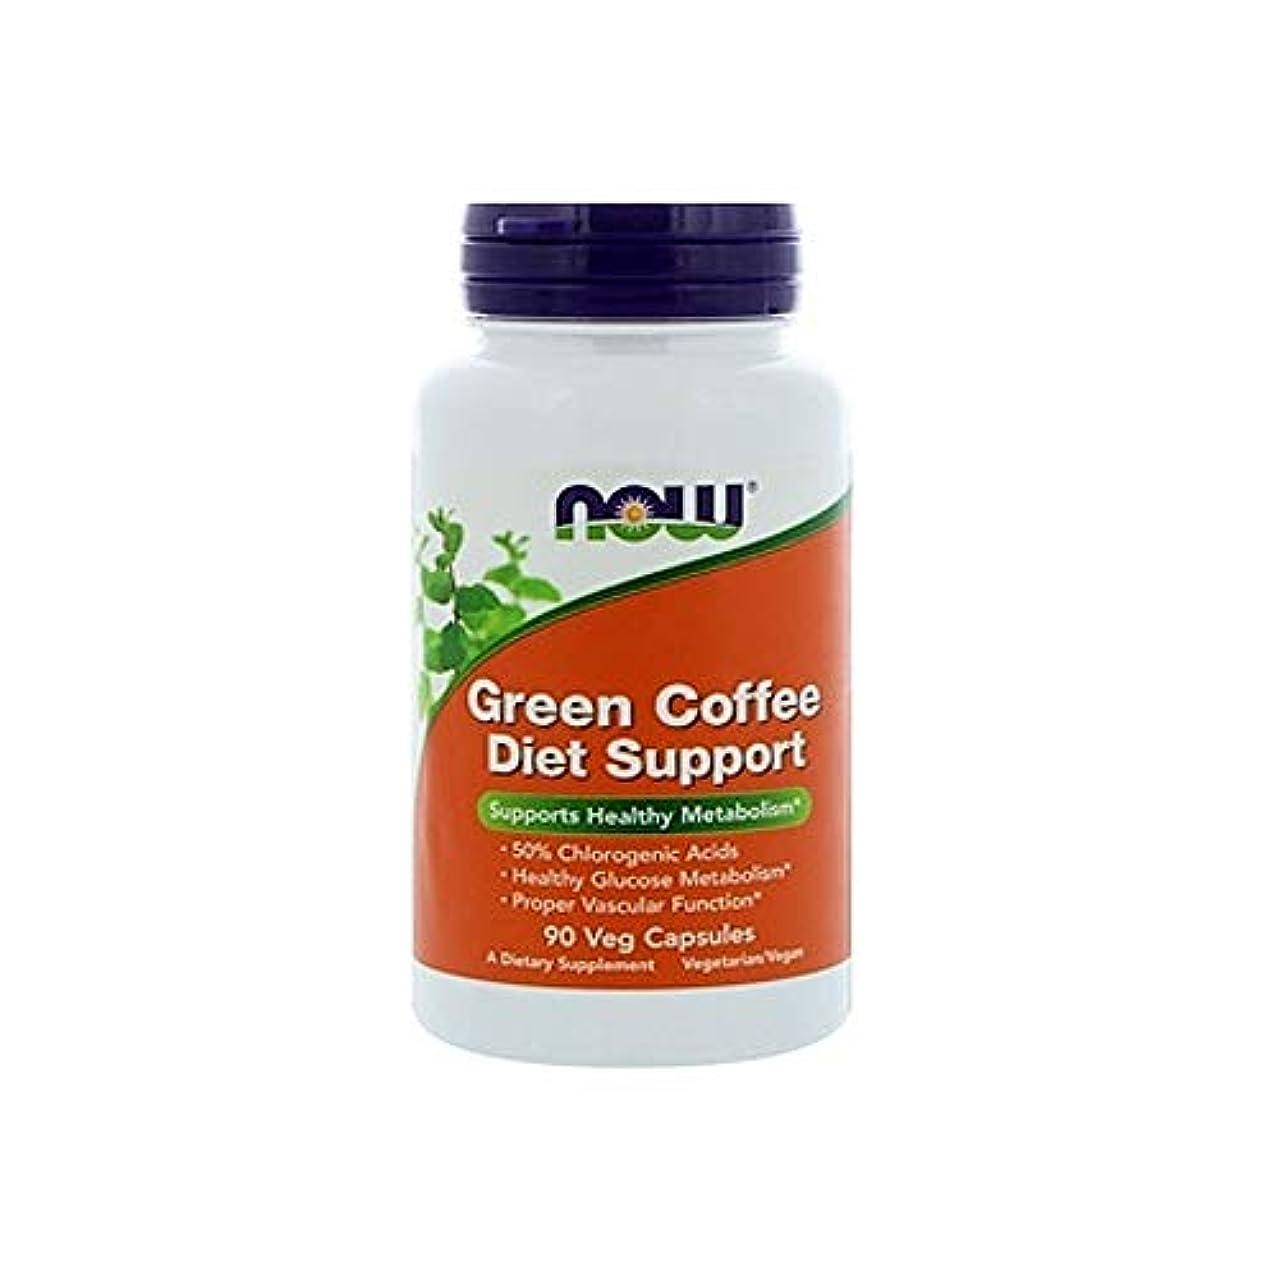 寺院フィッティング申し込む[海外直送品] ナウフーズ グリーンコーヒー ダイエットサポート(クロロゲン酸含有) 90粒